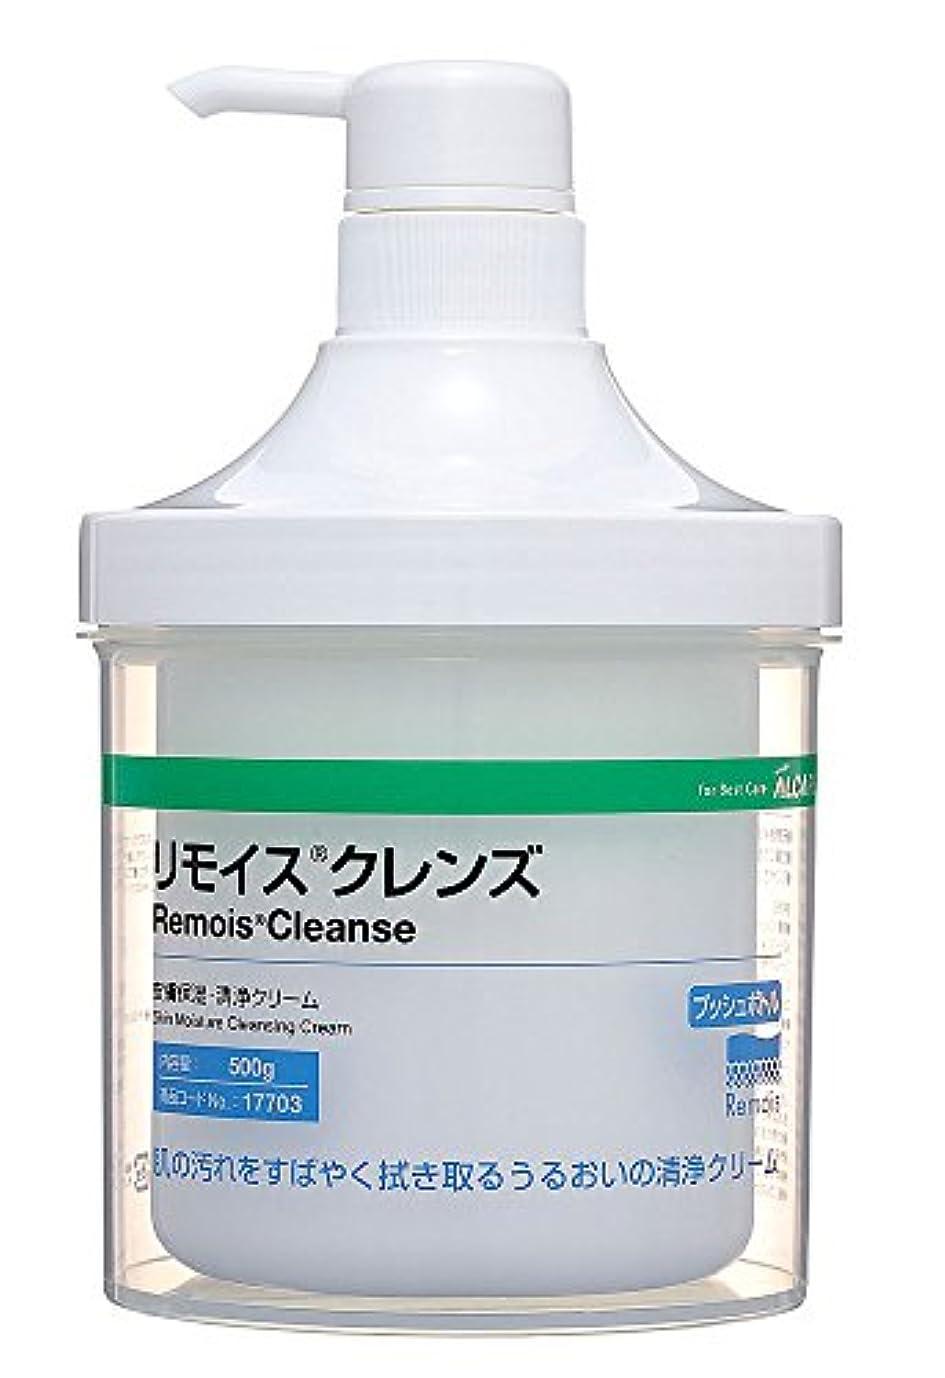 文字氏体細胞アルケア リモイスクレンズ 皮膚保湿?清浄クリーム 17703 プッシュボトル 500g